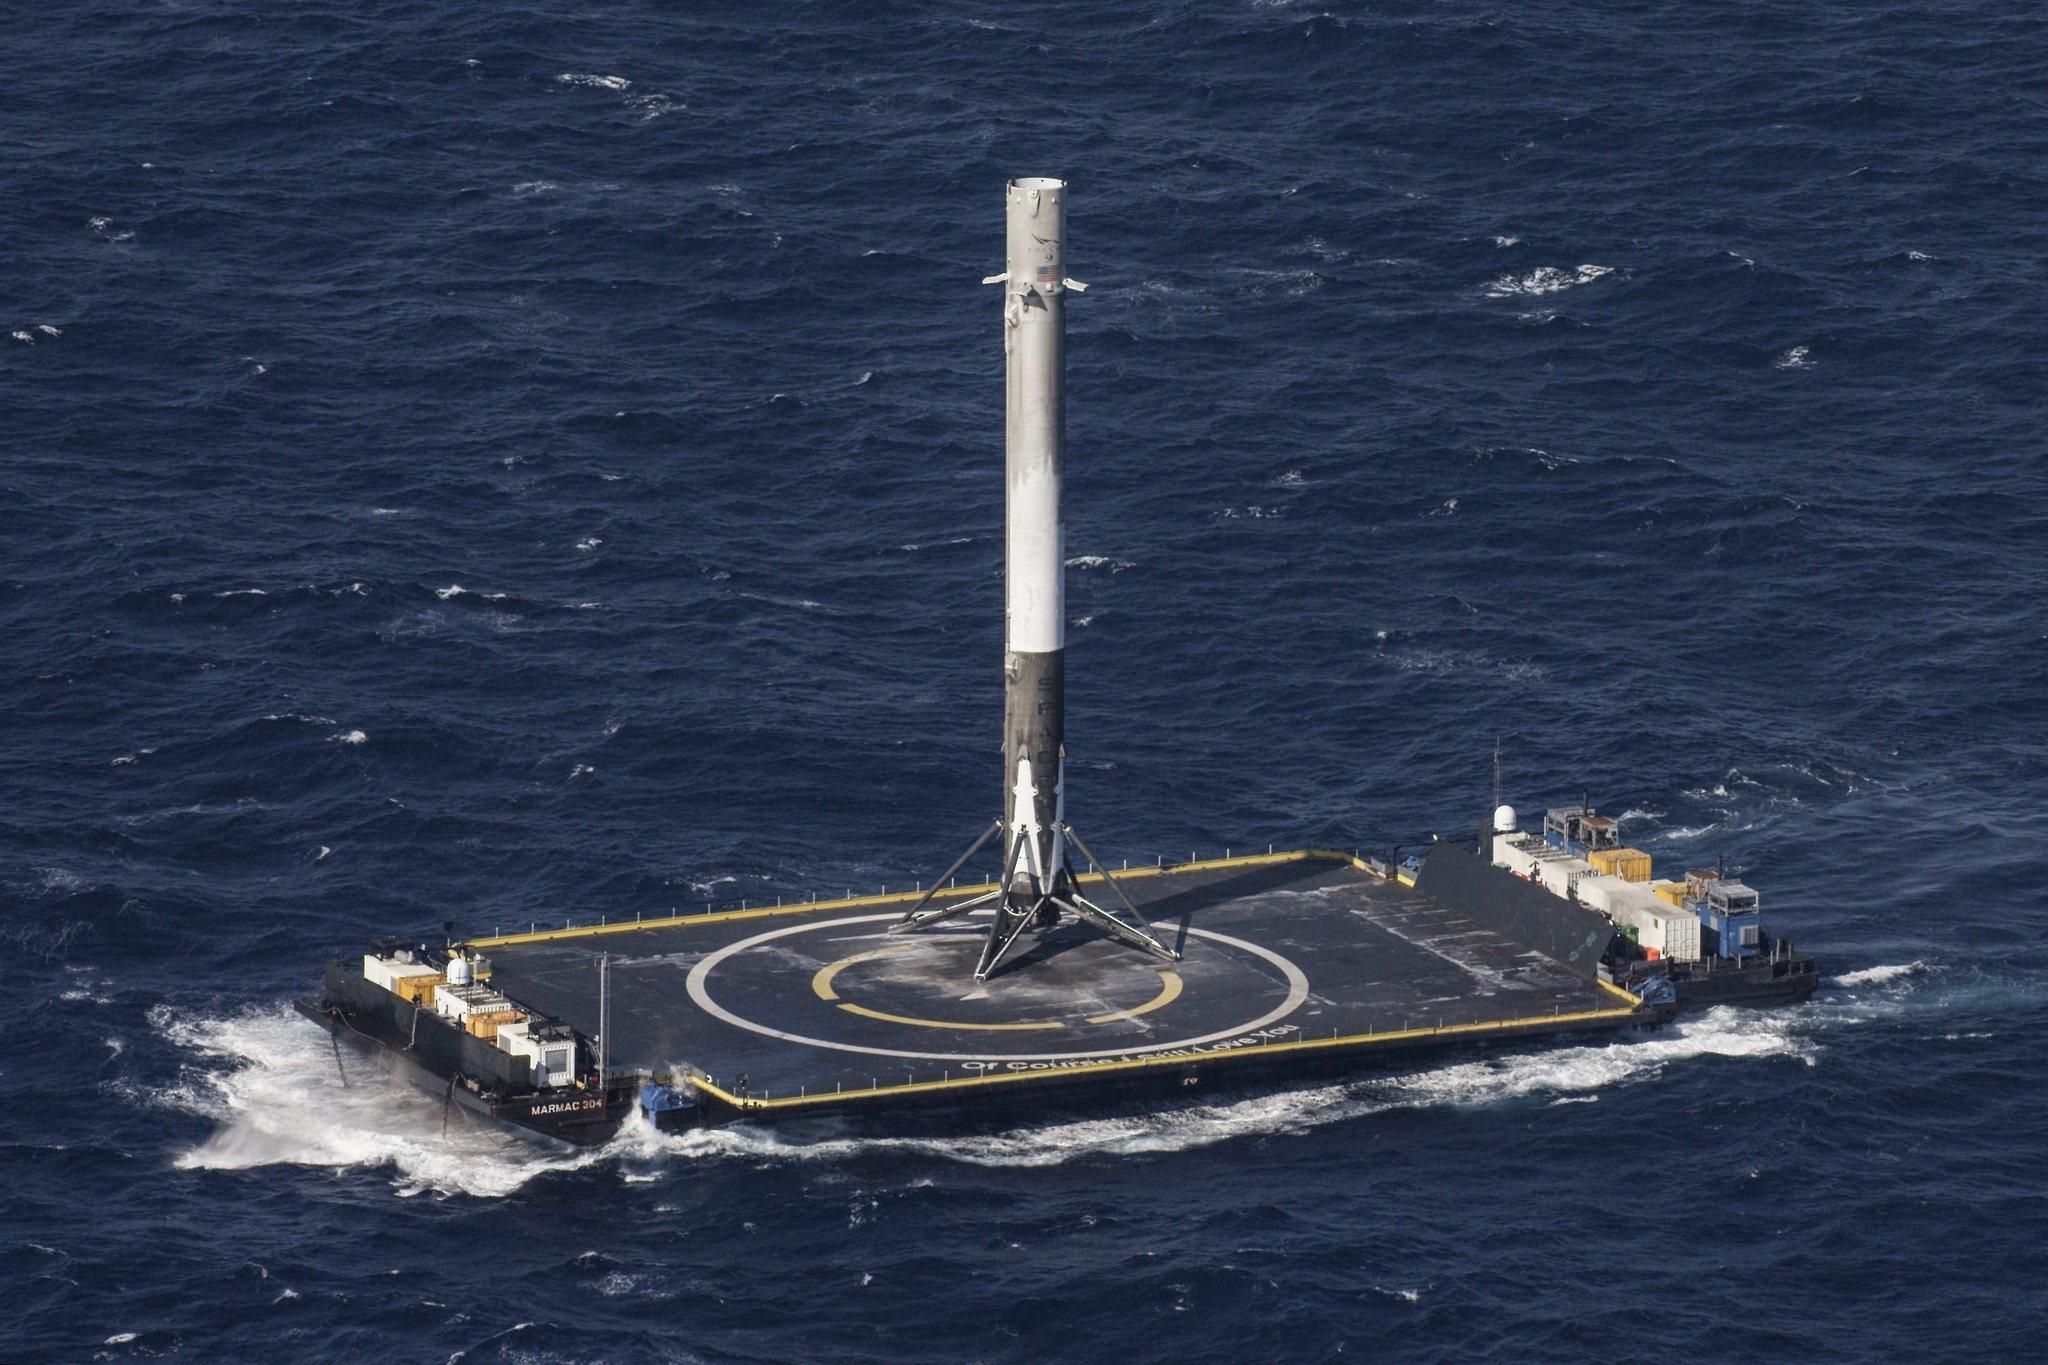 Zdjęcie wykonane tuż po pierwszym lądowaniu rakiety Falcon 9 w ramach misji CRS-8.